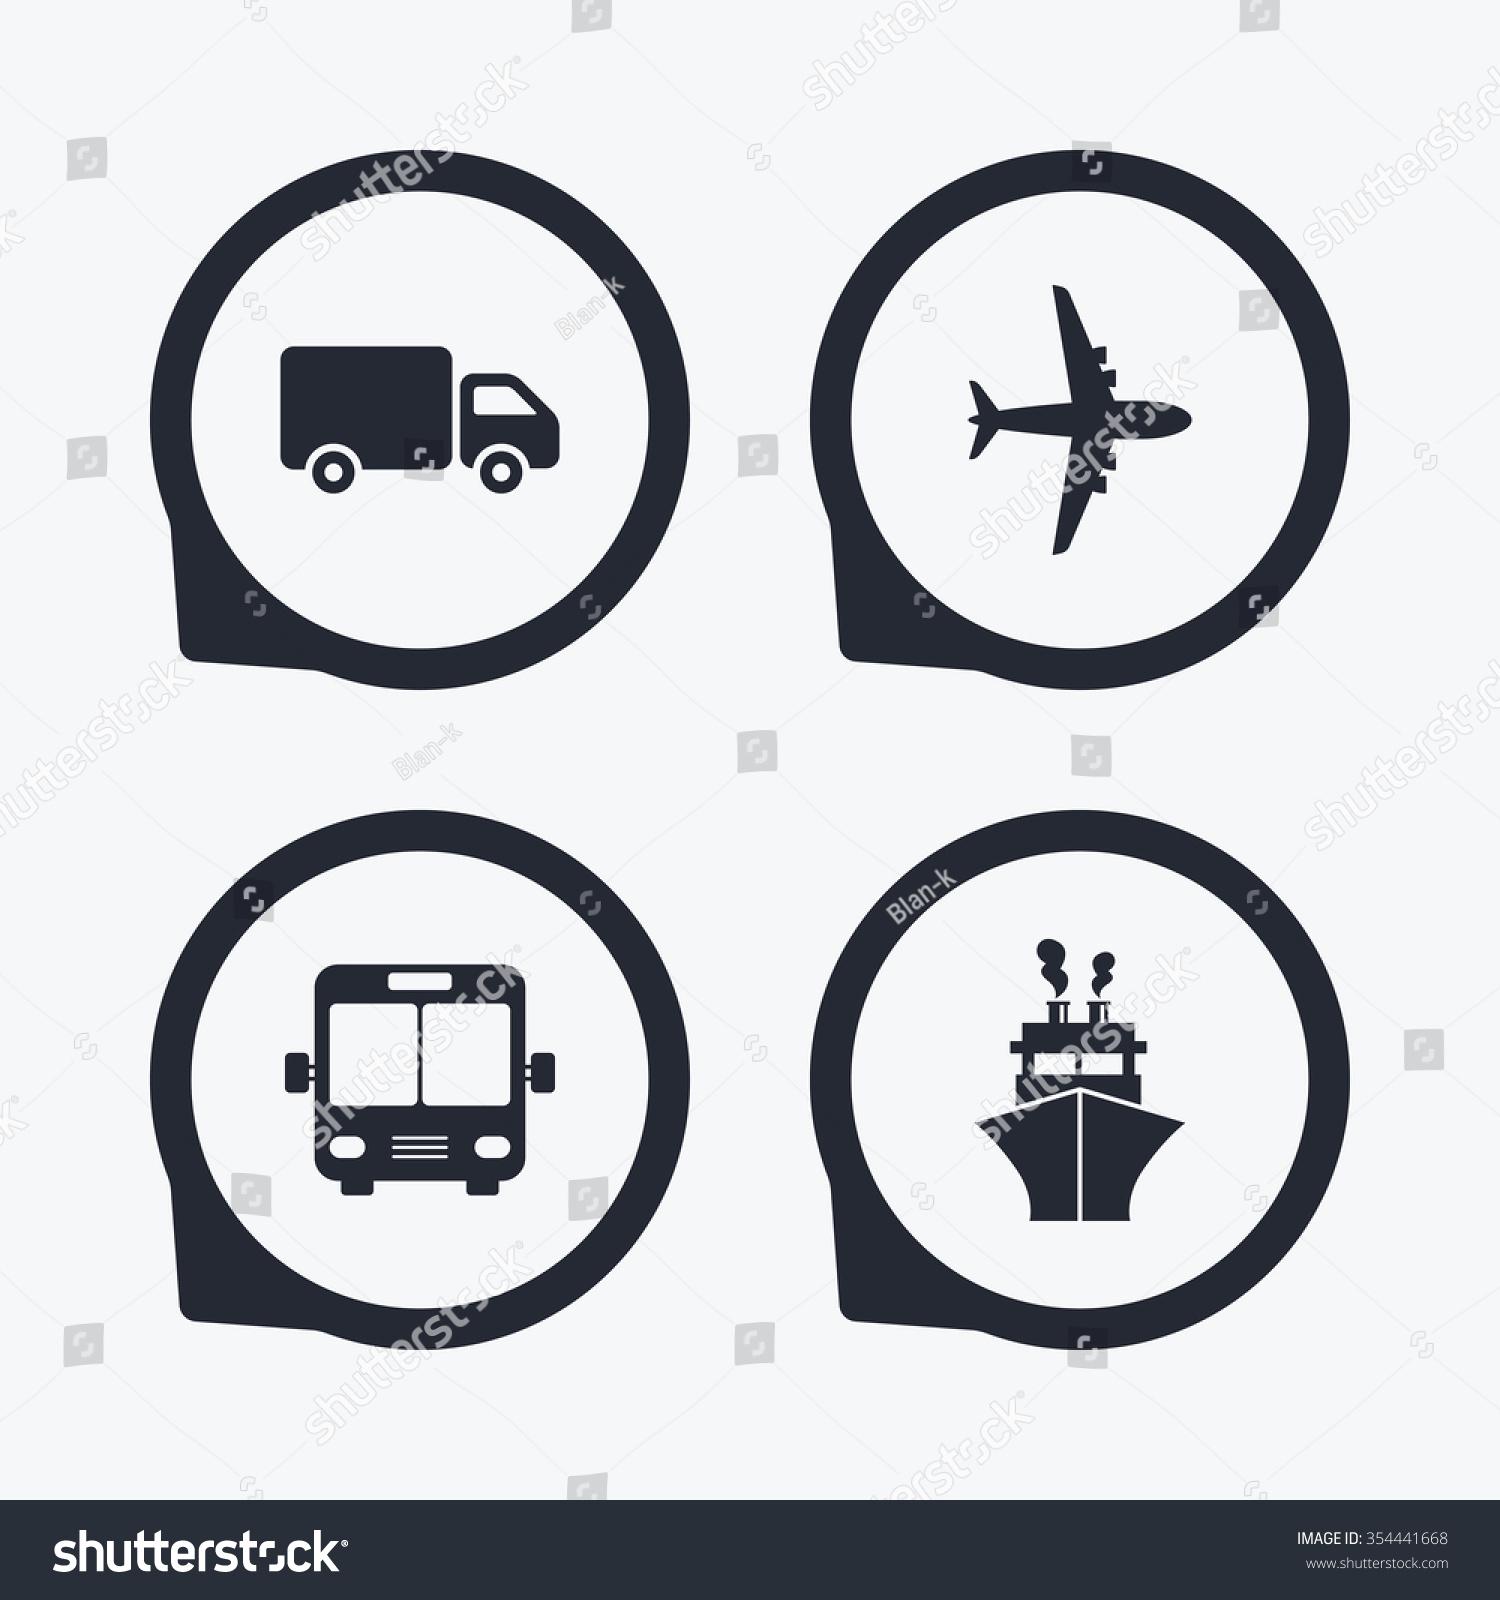 Big Trucks Symbols